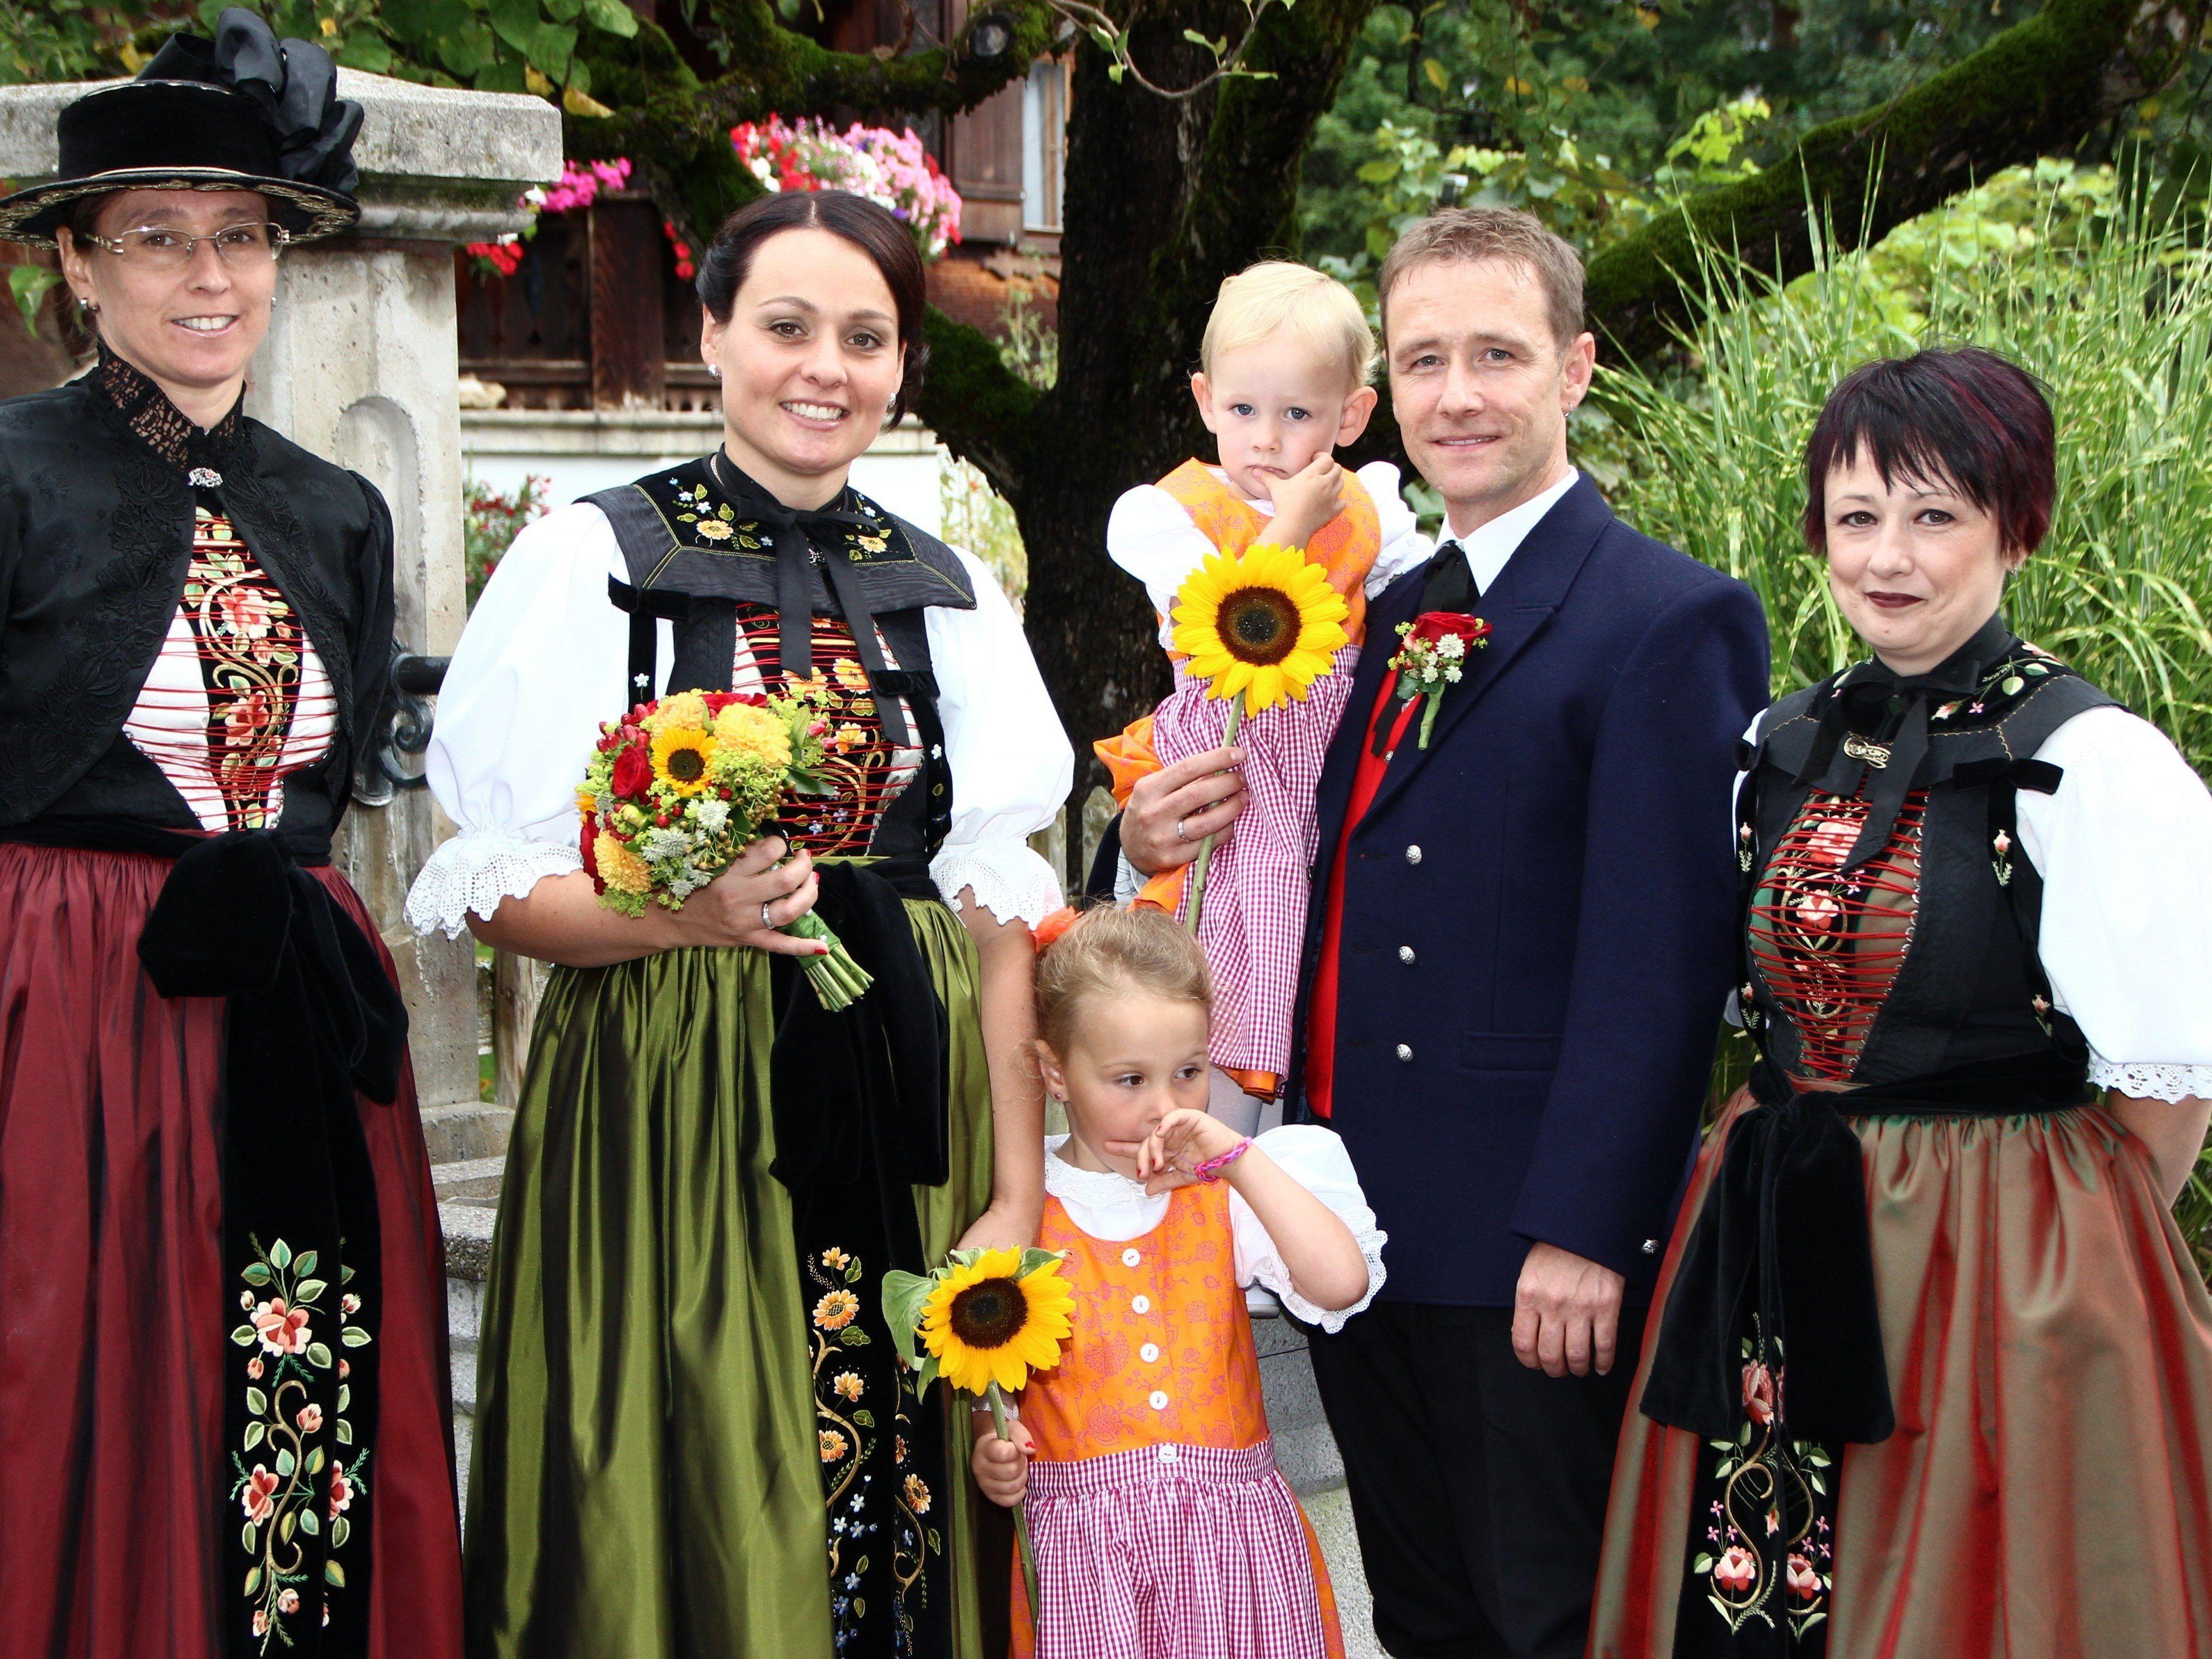 Hochzeit von Theresia Bitschnau und Thomas Kubicki - Schruns   VOL.AT